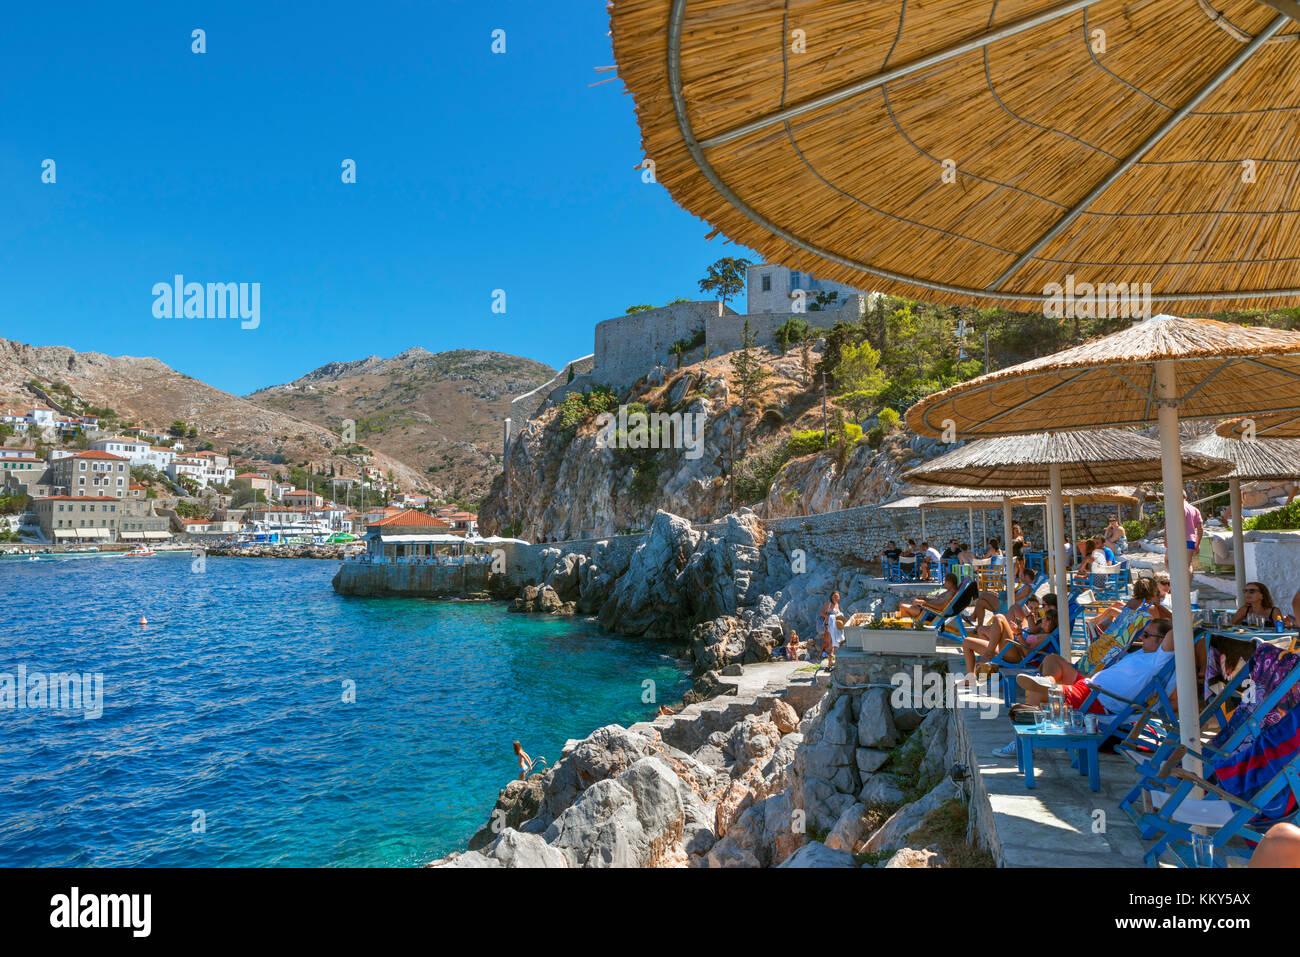 Lungomare bar e zona di balneazione appena fuori città HYDRA, HYDRA, Grecia Immagini Stock